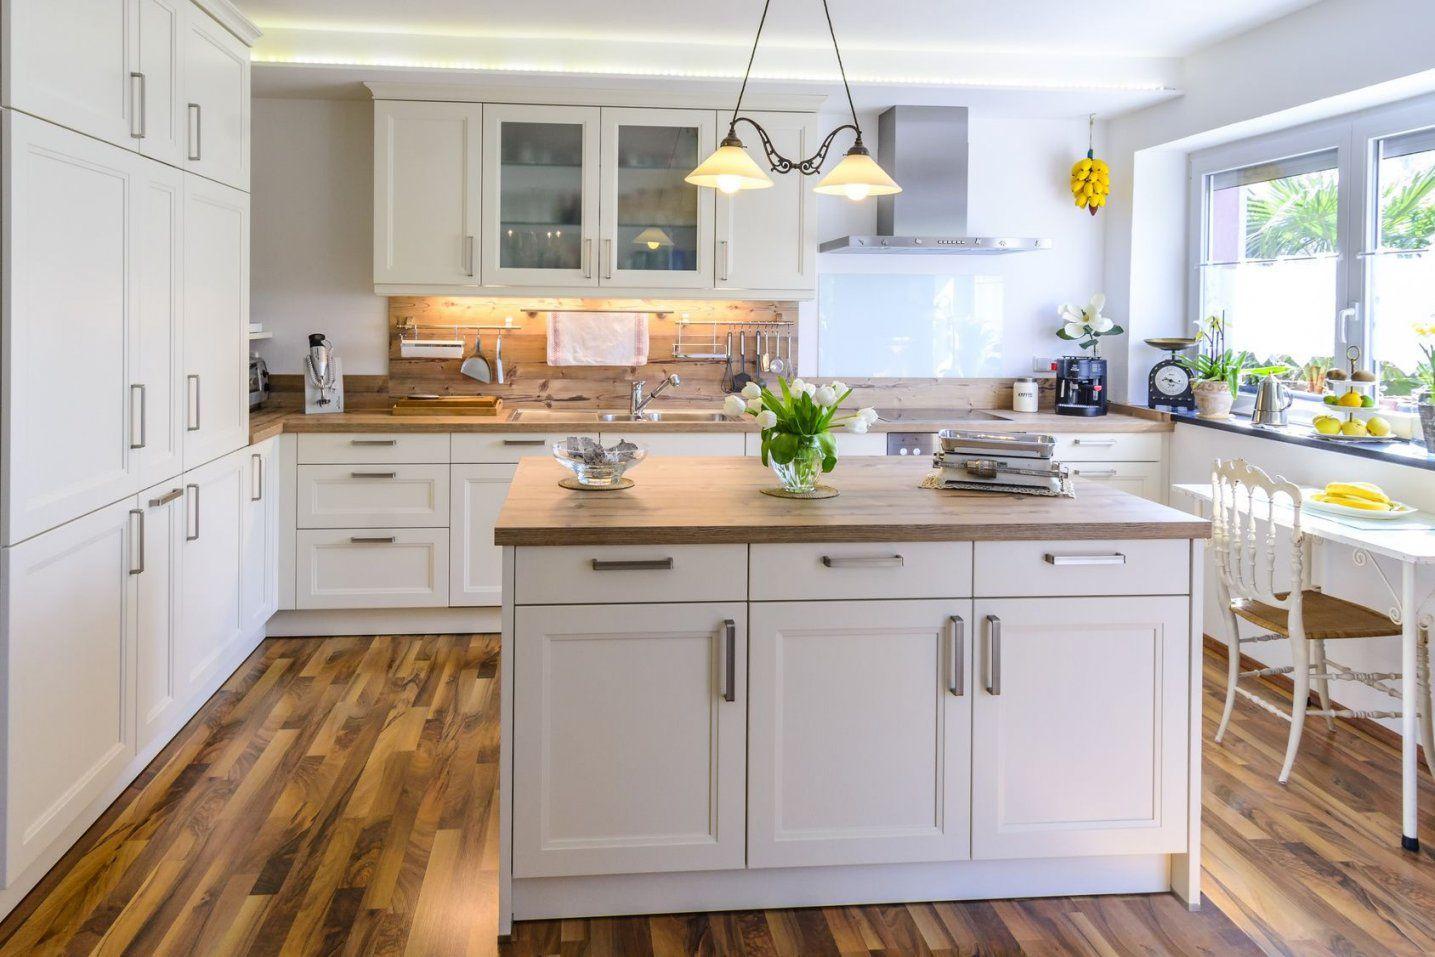 Küche Landhausstil Modern Tagify Tagify Von Küche Im Landhausstil Gestalten  Bild